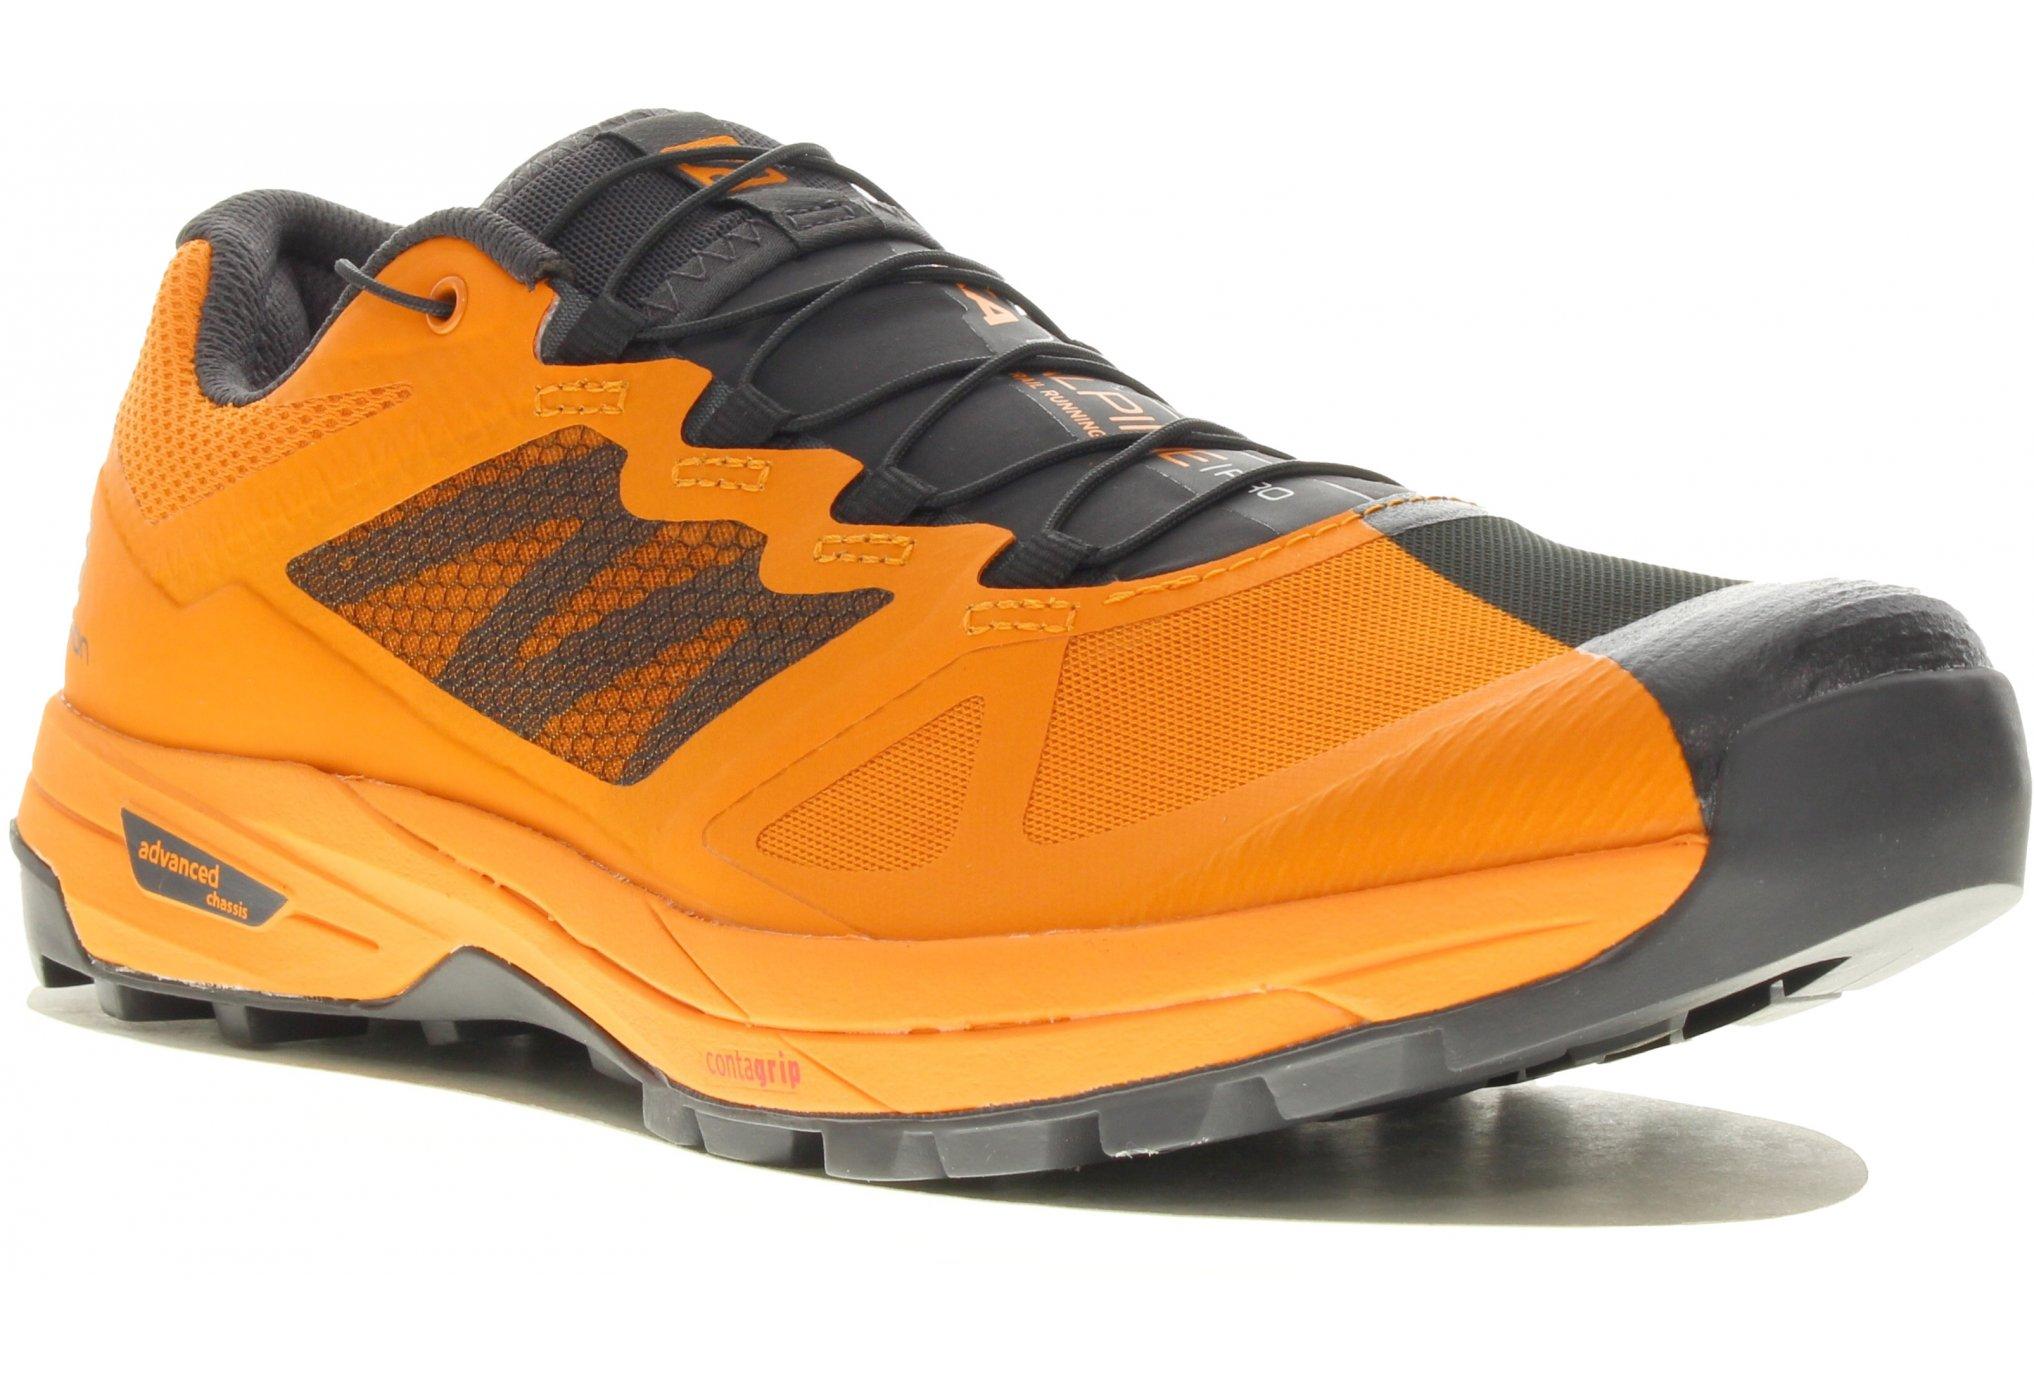 Salomon X Alpine Pro Chaussures homme